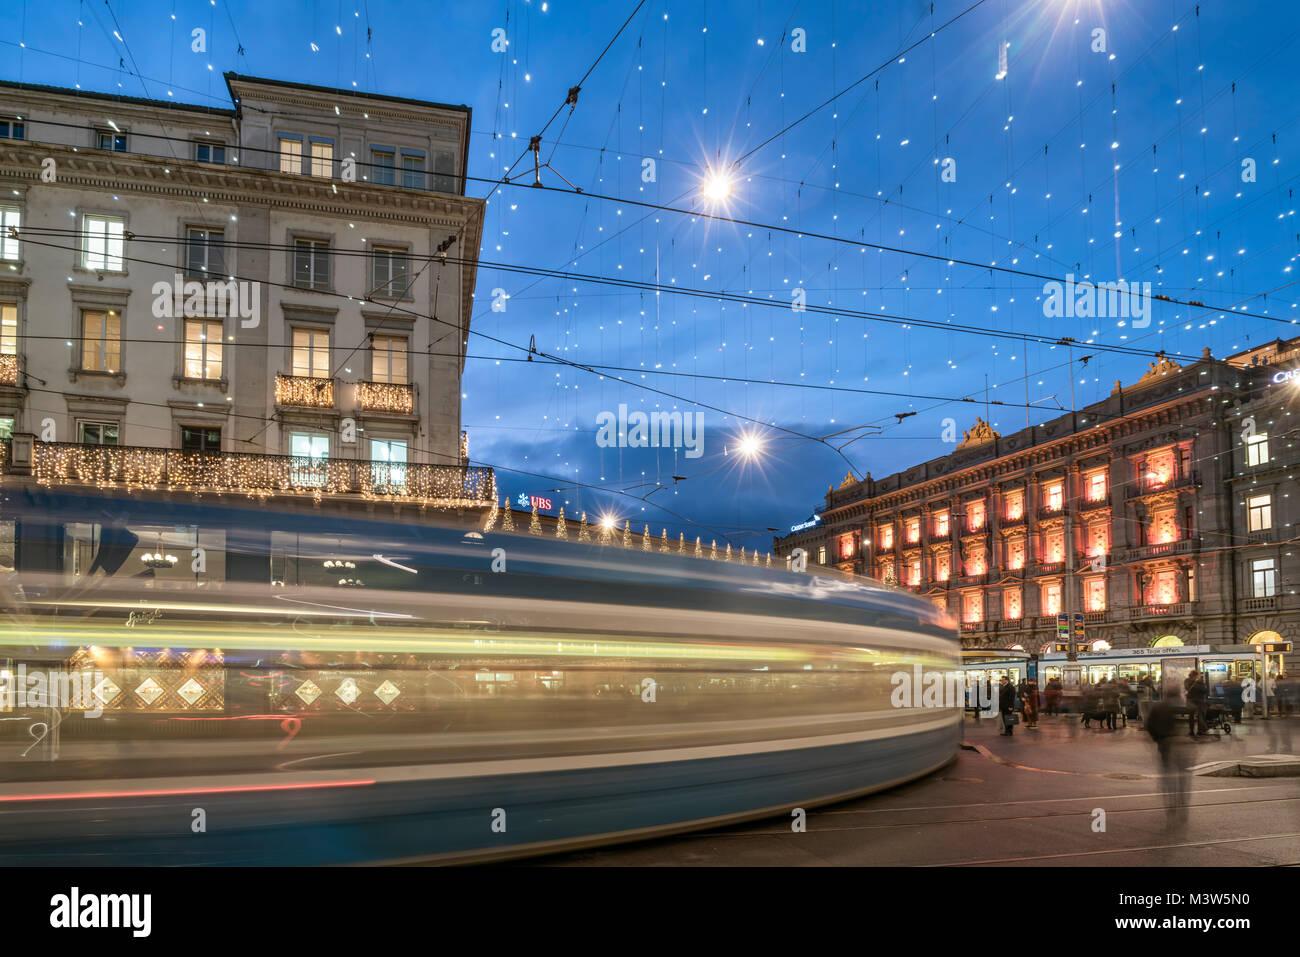 tram, christmas illumination,  Paradeplatz ,  Credit Suisse, UBS, Zurich, Switzerland - Stock Image